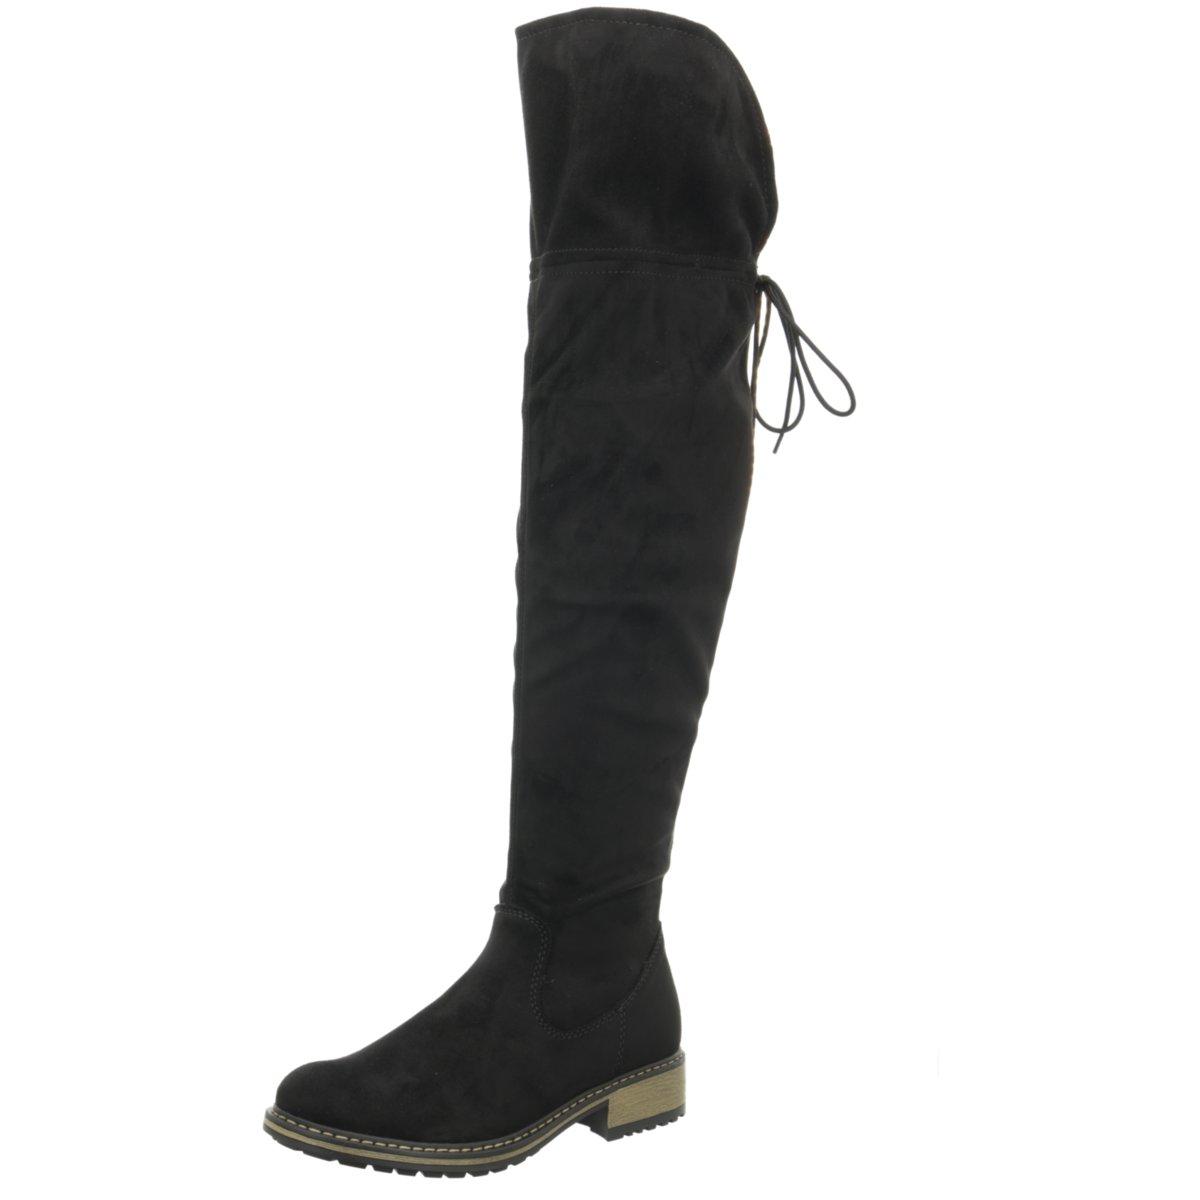 Rieker Schuhe Stiefel Z6883 00 schwarz schwarz NEU